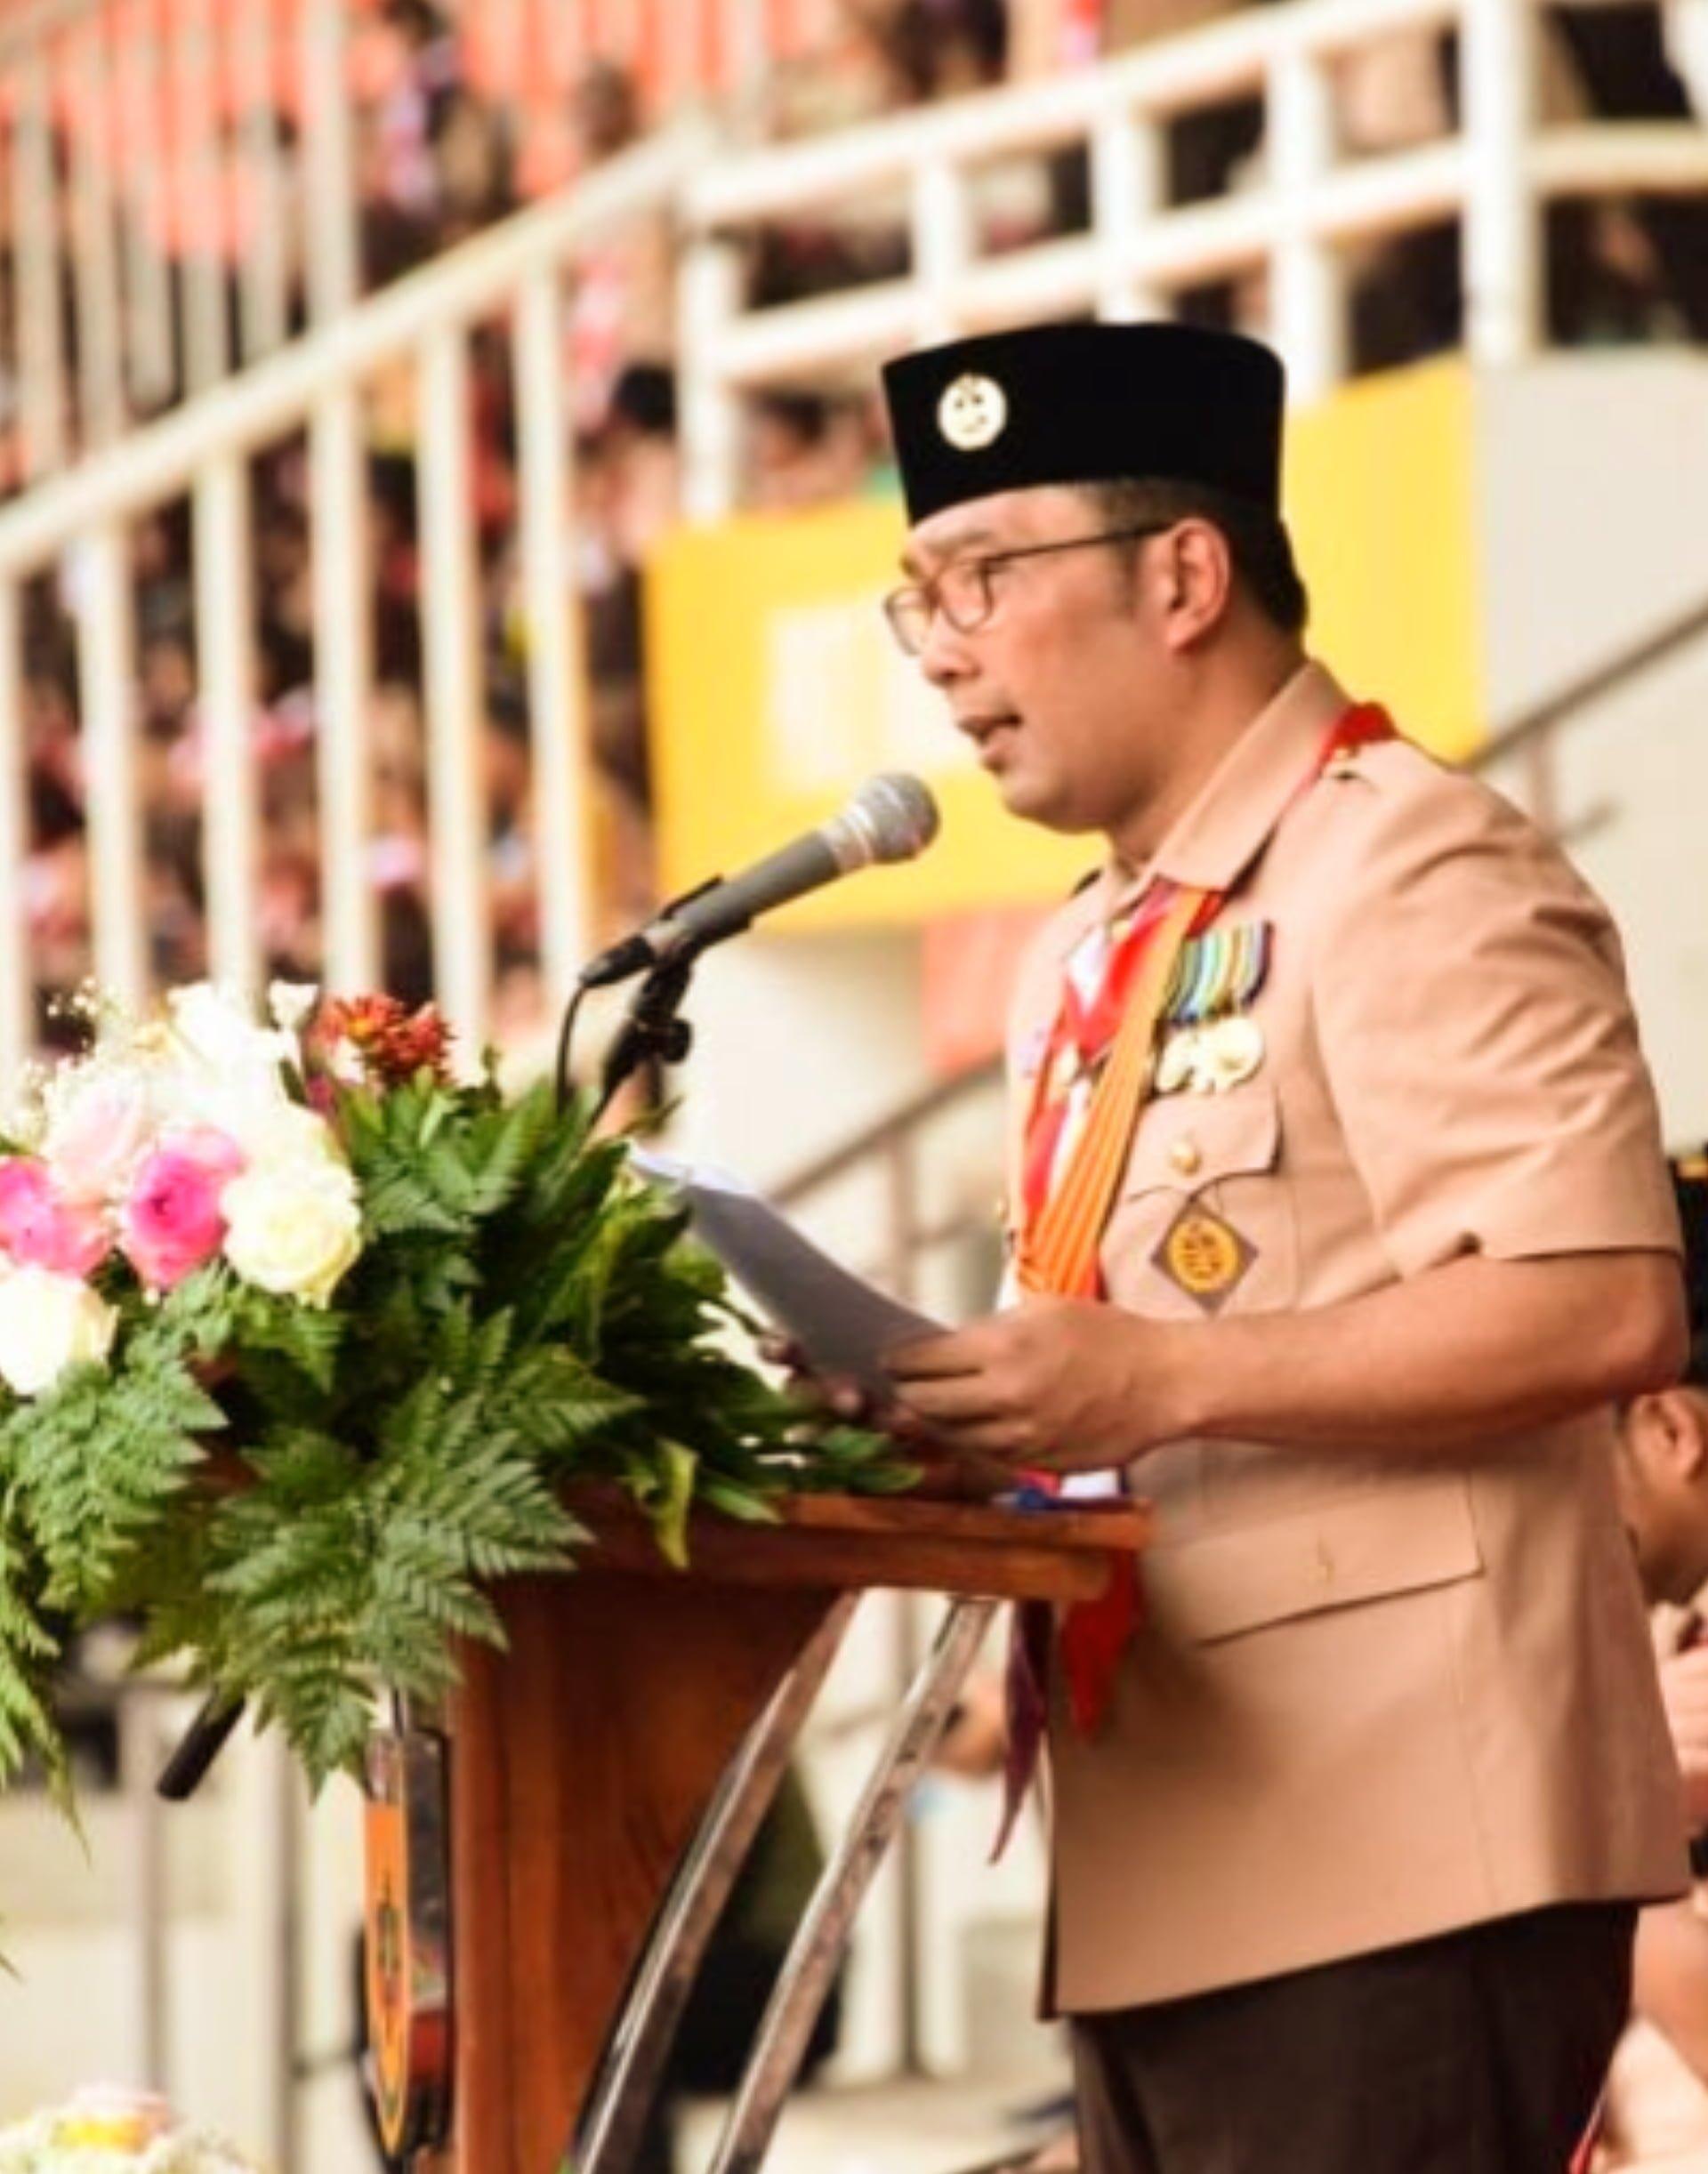 Sambutan Ridwan Kamil Pada Hari Pramuka Ke 58 Tingkat Jabar 229